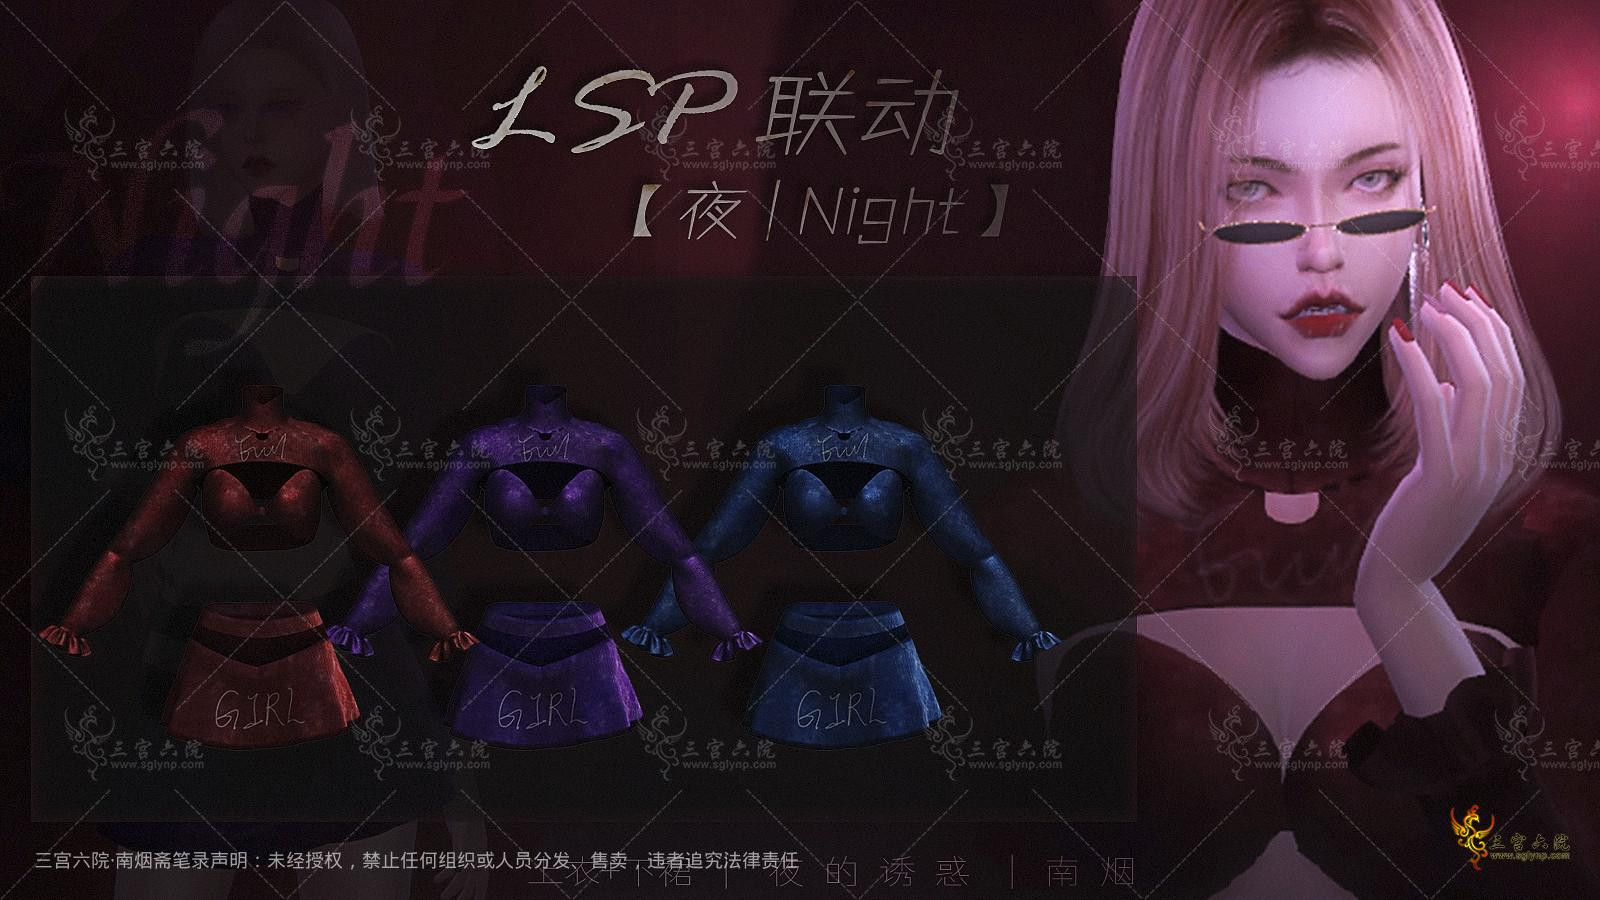 LSP联动-南烟-上衣 裙子封面.jpg